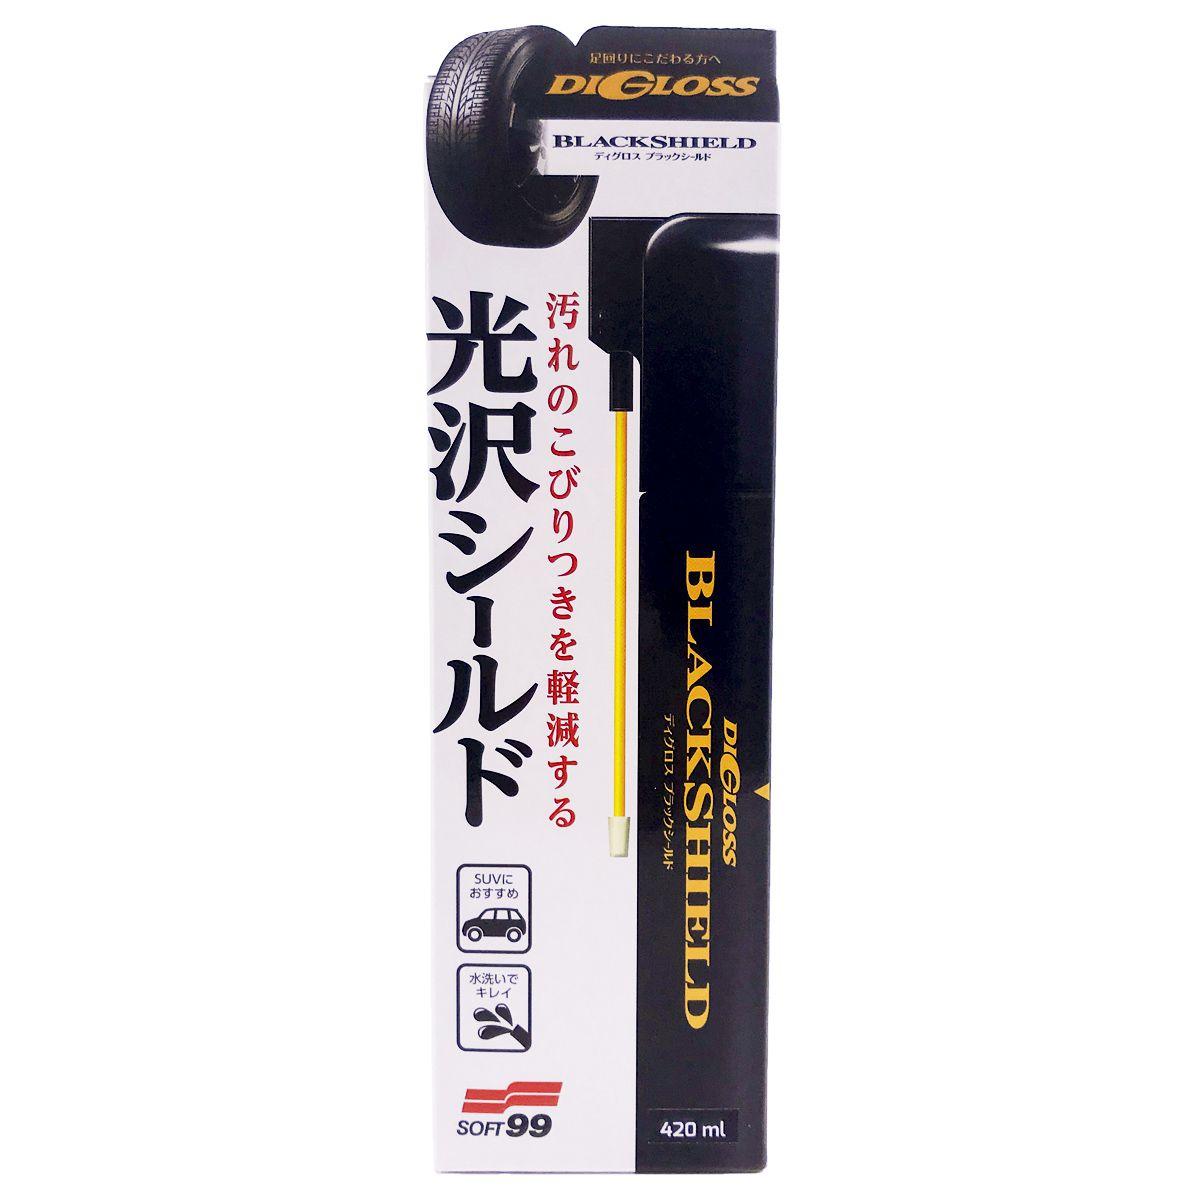 Silicone de Alta Performance Digloss Brilho e Proteção Aerossol 420ml Soft99